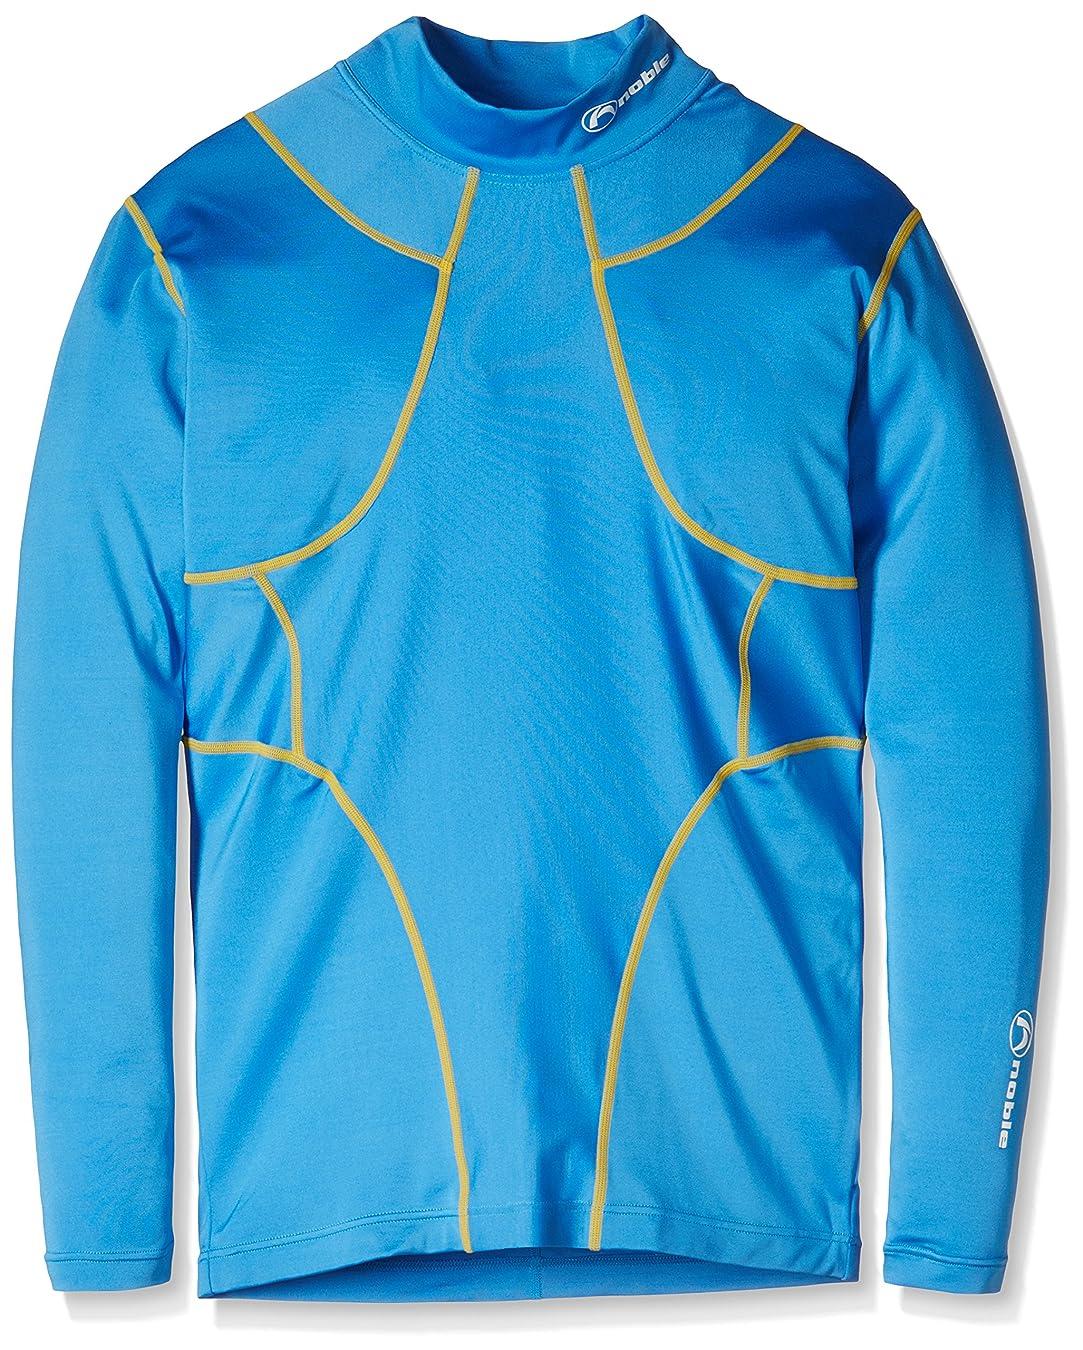 チャレンジご近所魅力的[ノーブル] オールインワンロングスリーブYS(レディース) ブルー 400661